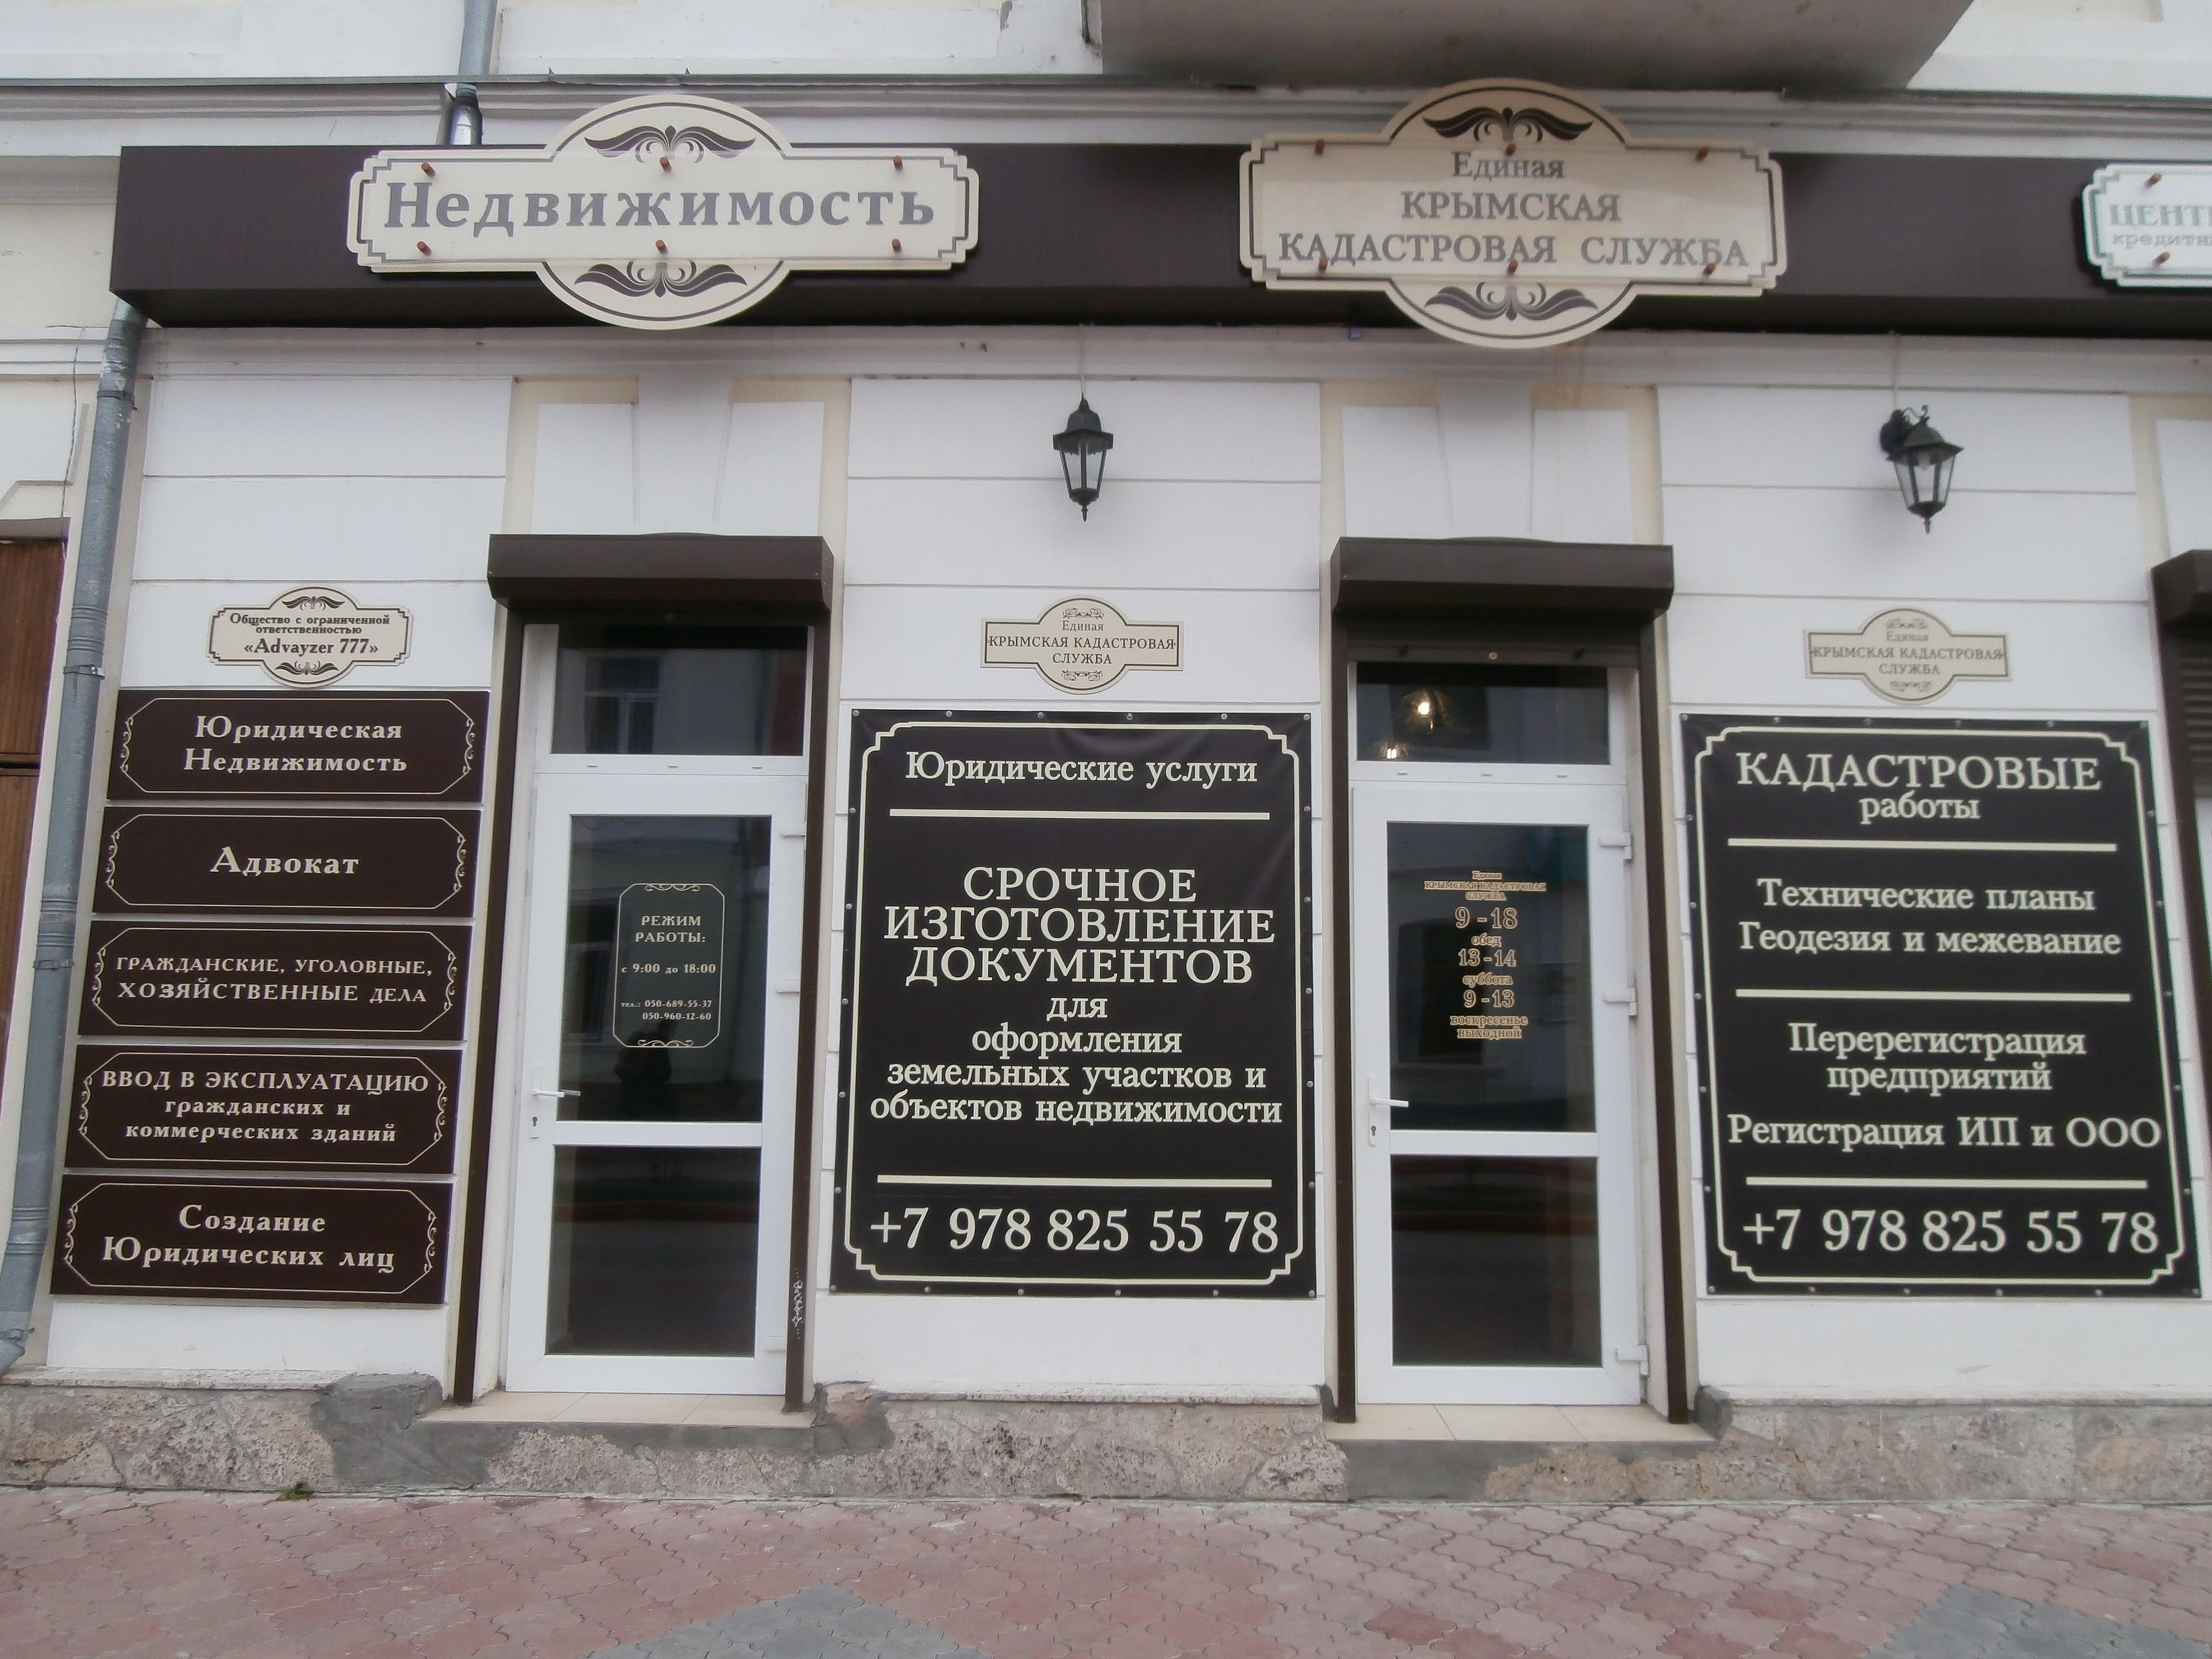 Фирма: Единый Крымский Кадастровый Центр ООО